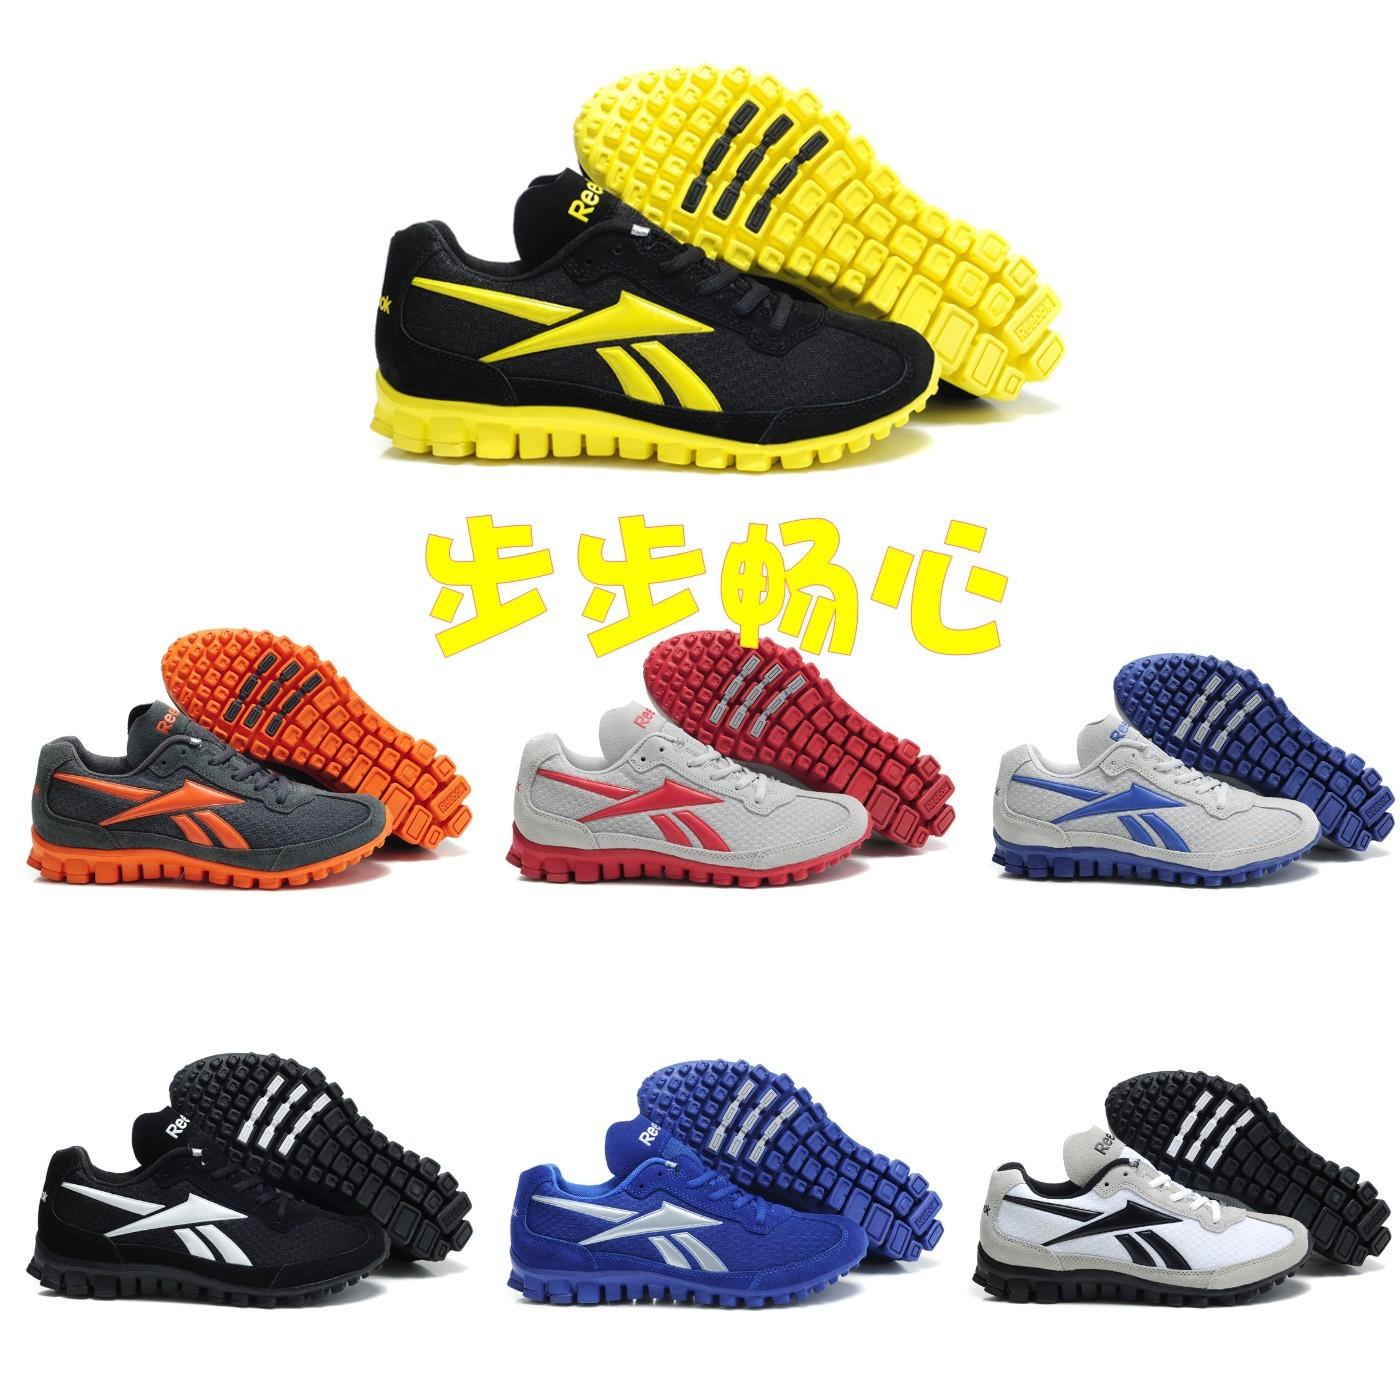 Все коллекции Nike — 4shopping v3